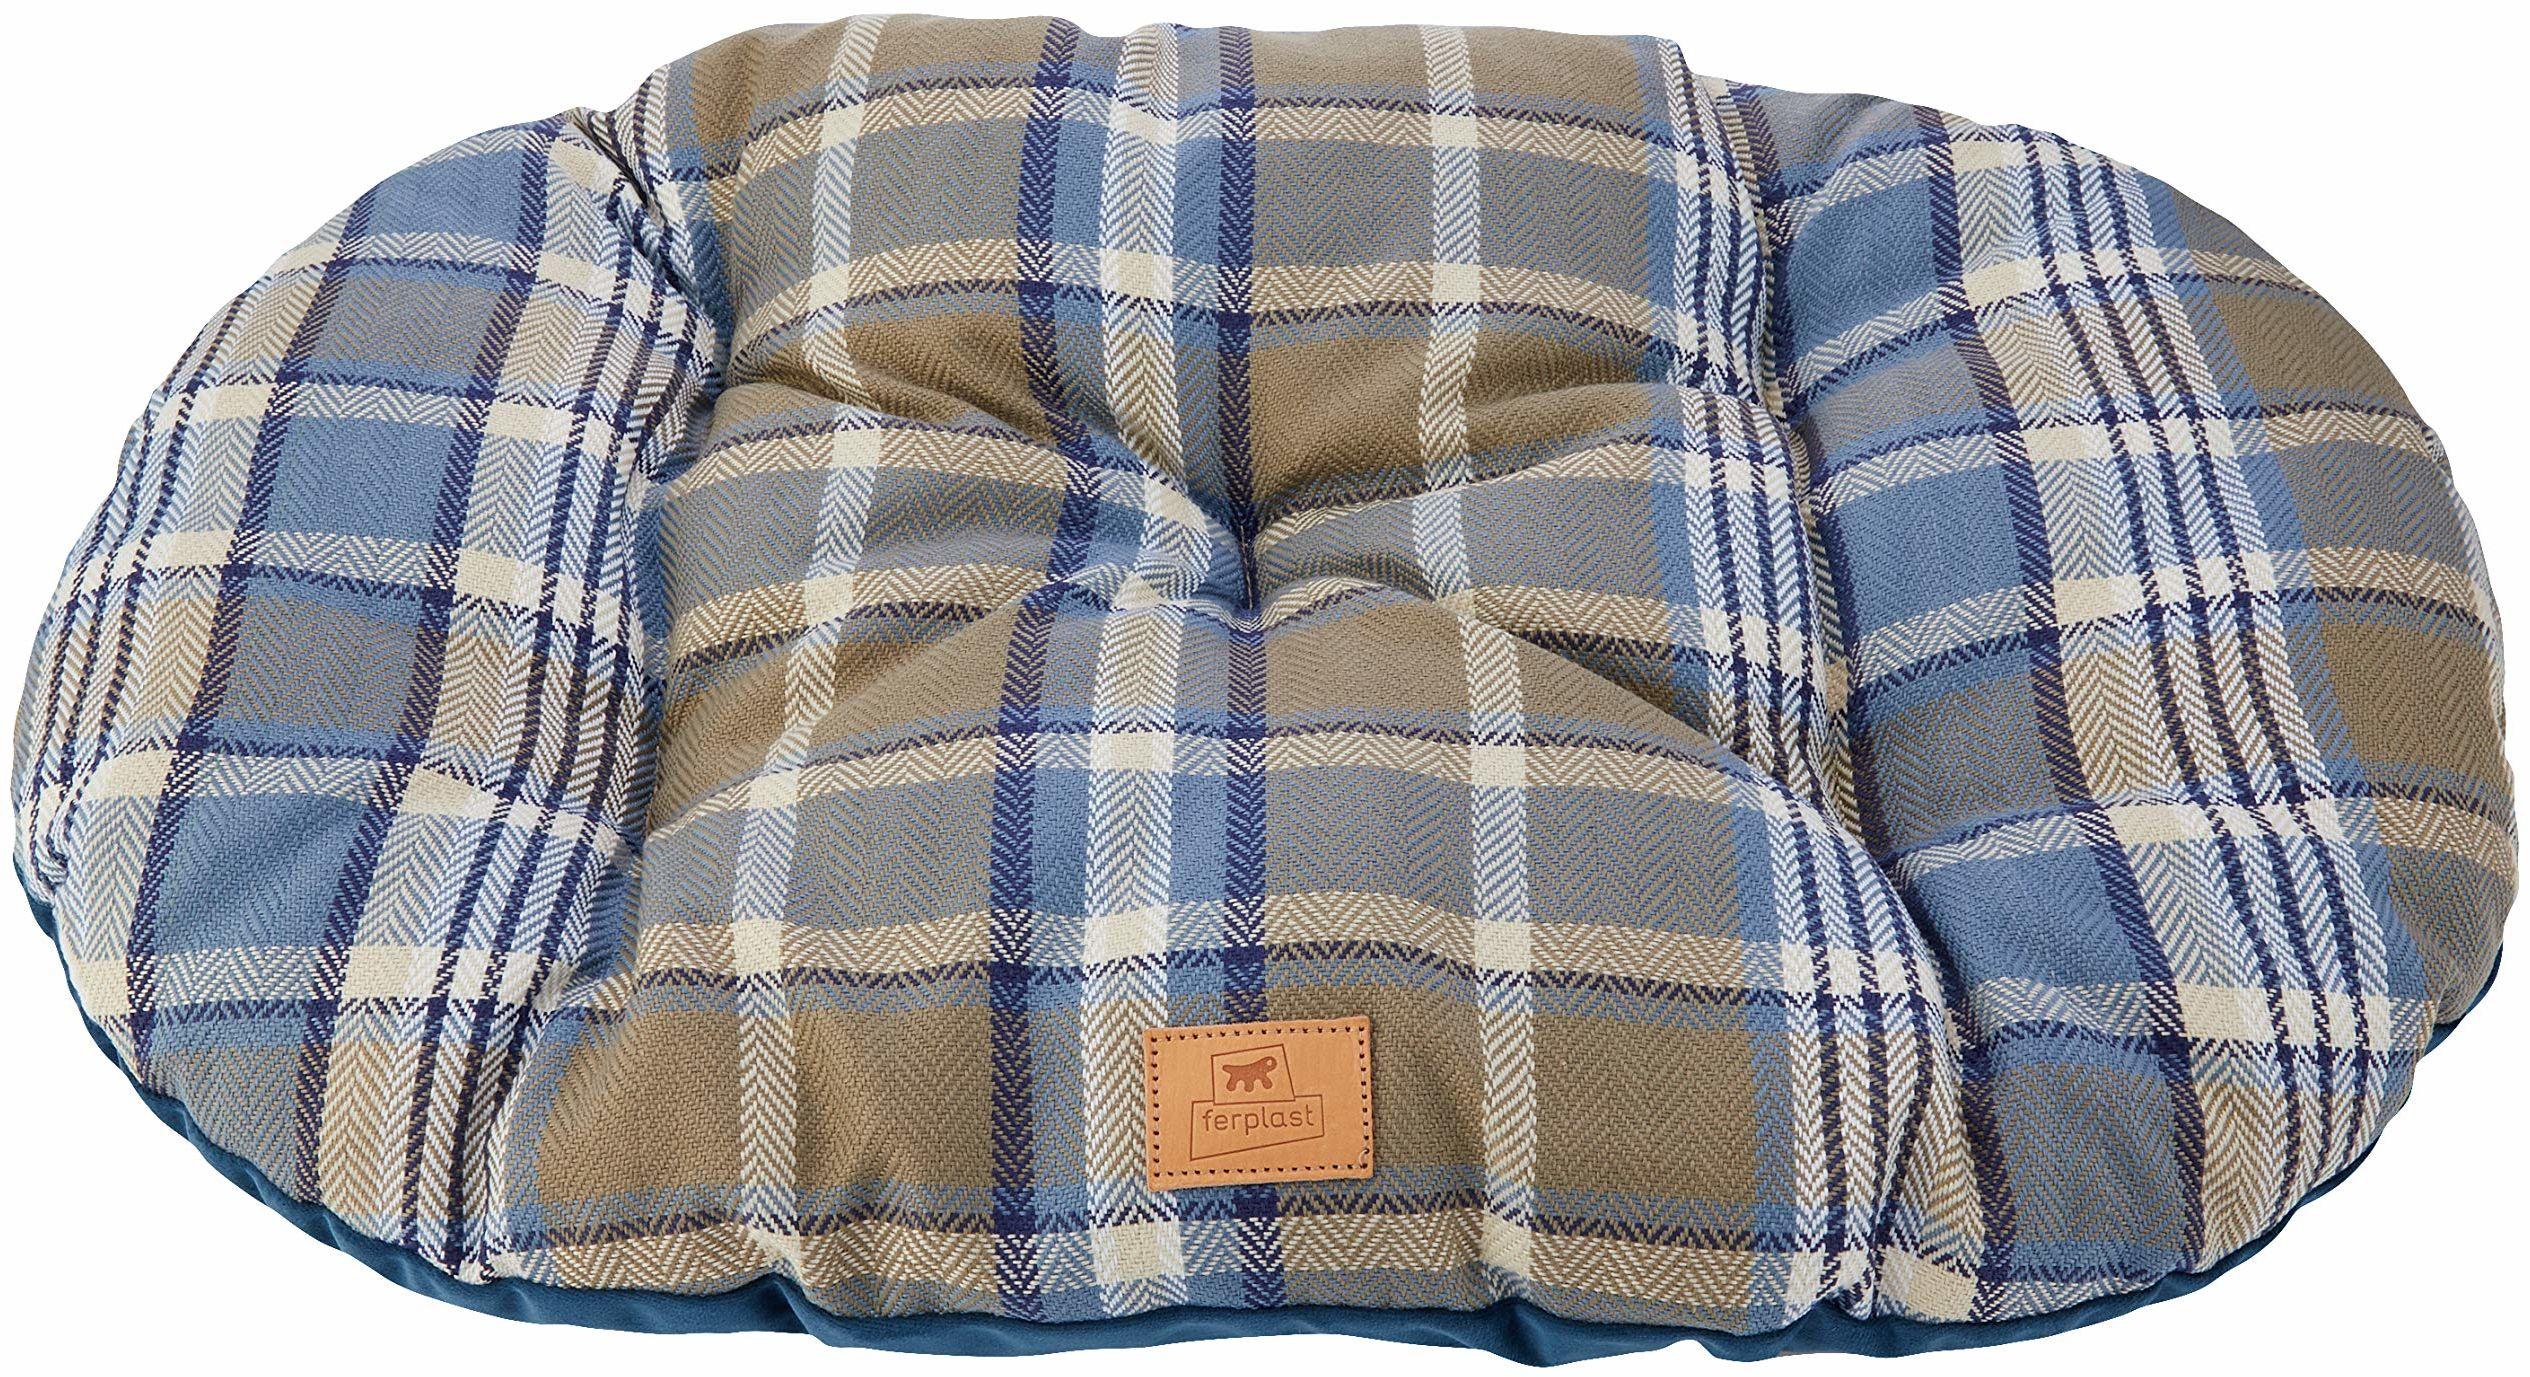 Wyściełana poduszka dla psów i kotów SCOTT 65/6, dwustronna, szkocki wzór, miękki aksamit, nadaje się do prania, kolor niebieski